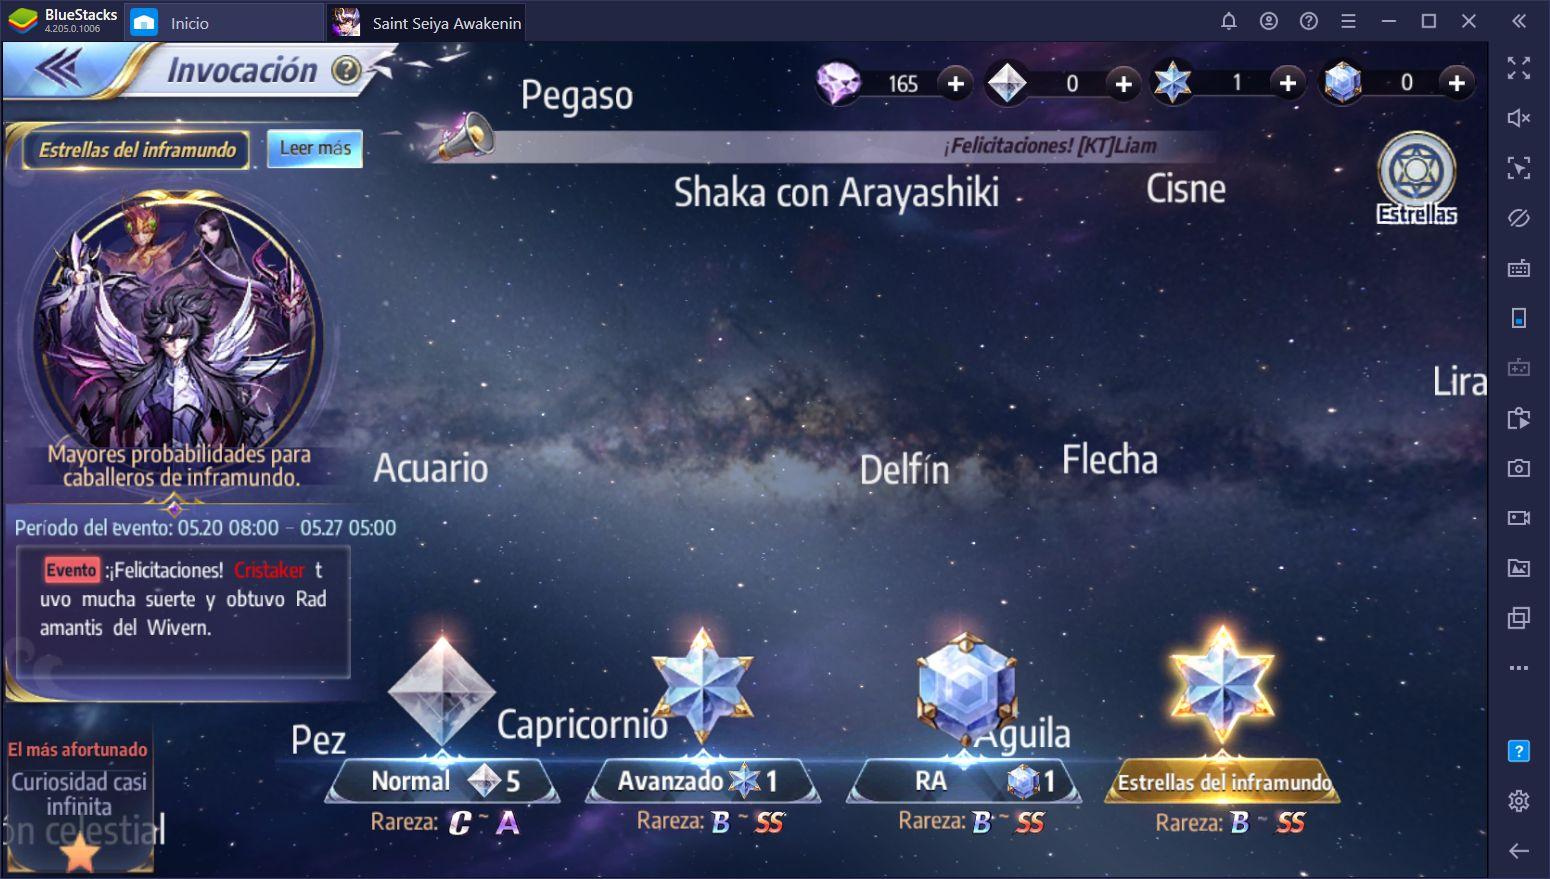 Saint Seiya Awakening en PC: Compilación de los Mejores Trucos, Consejos, y Tier Lists